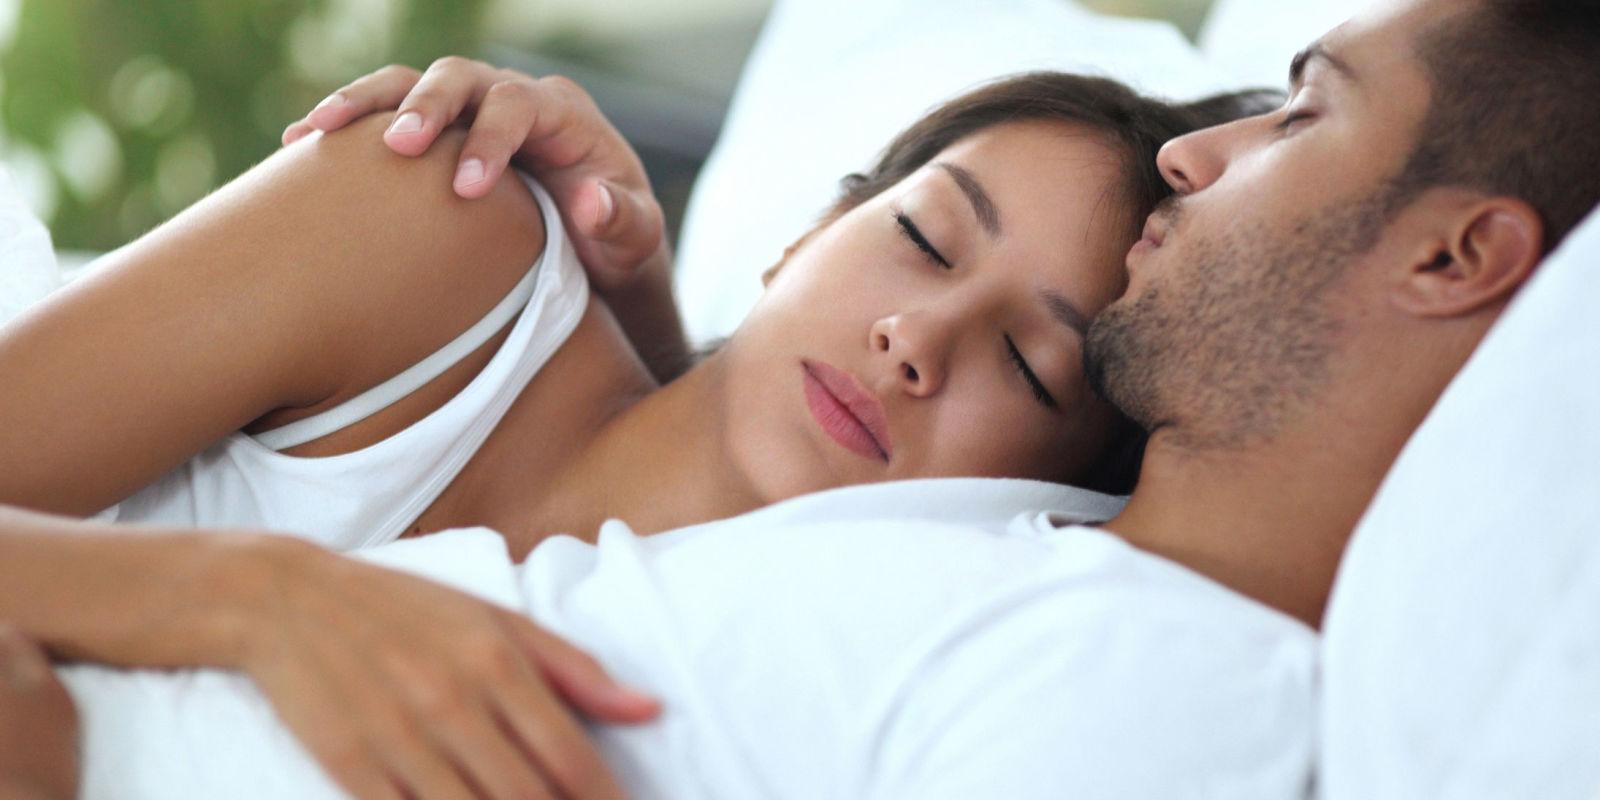 Dormire insieme i segnali che ti dicono che innamorato di te - Giochi che si baciano a letto ...